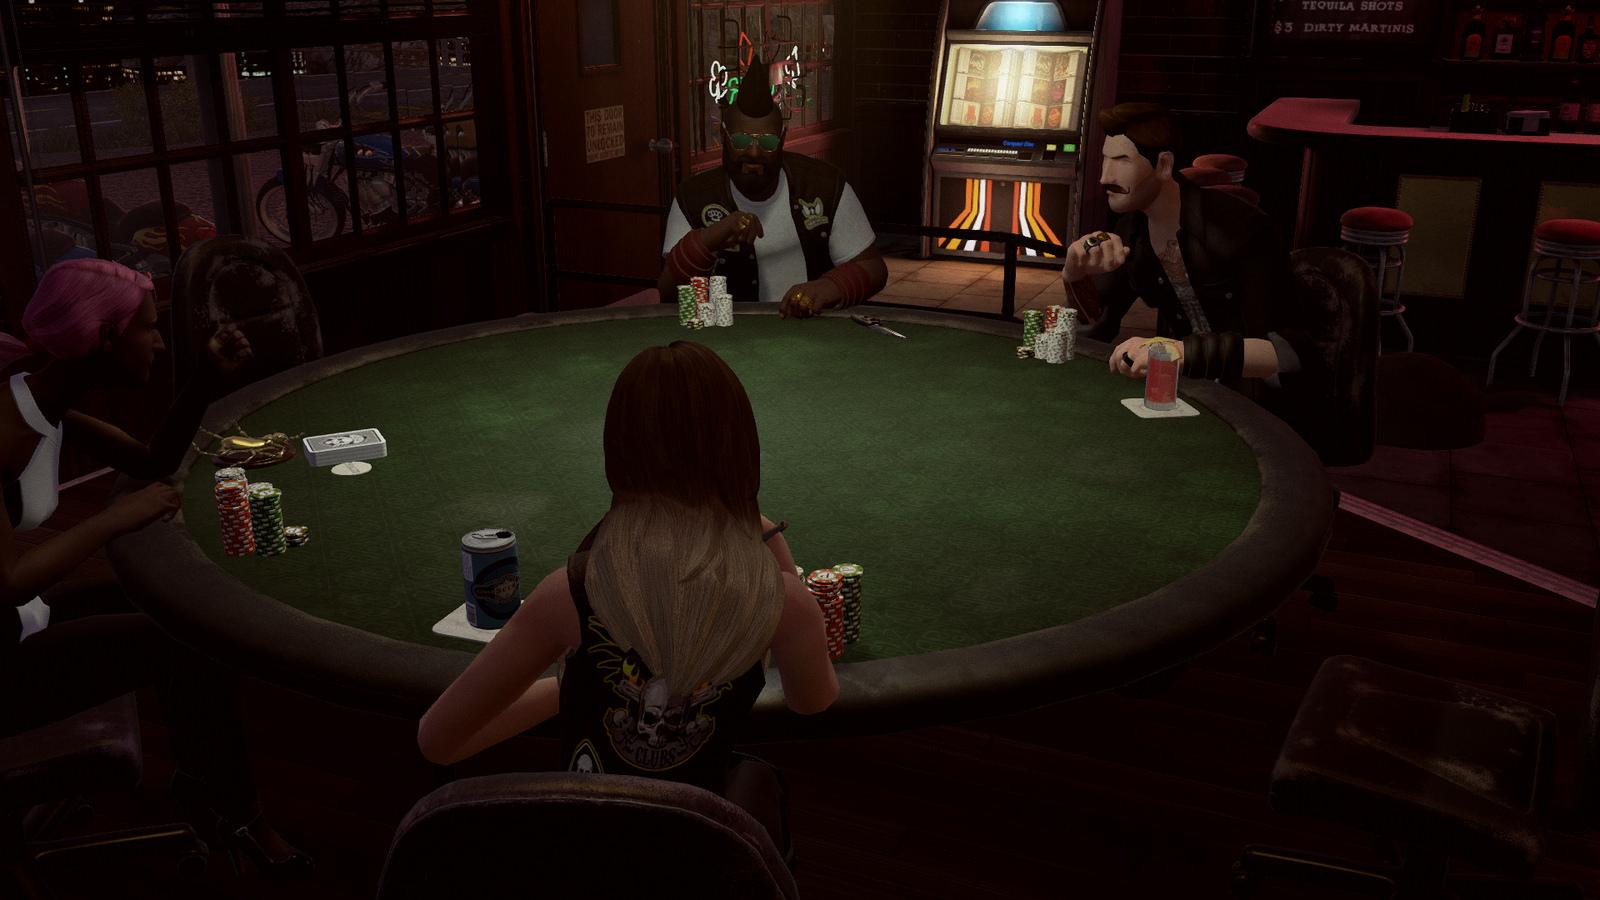 We can bet apuestas privacidad casino Ecuador-557507